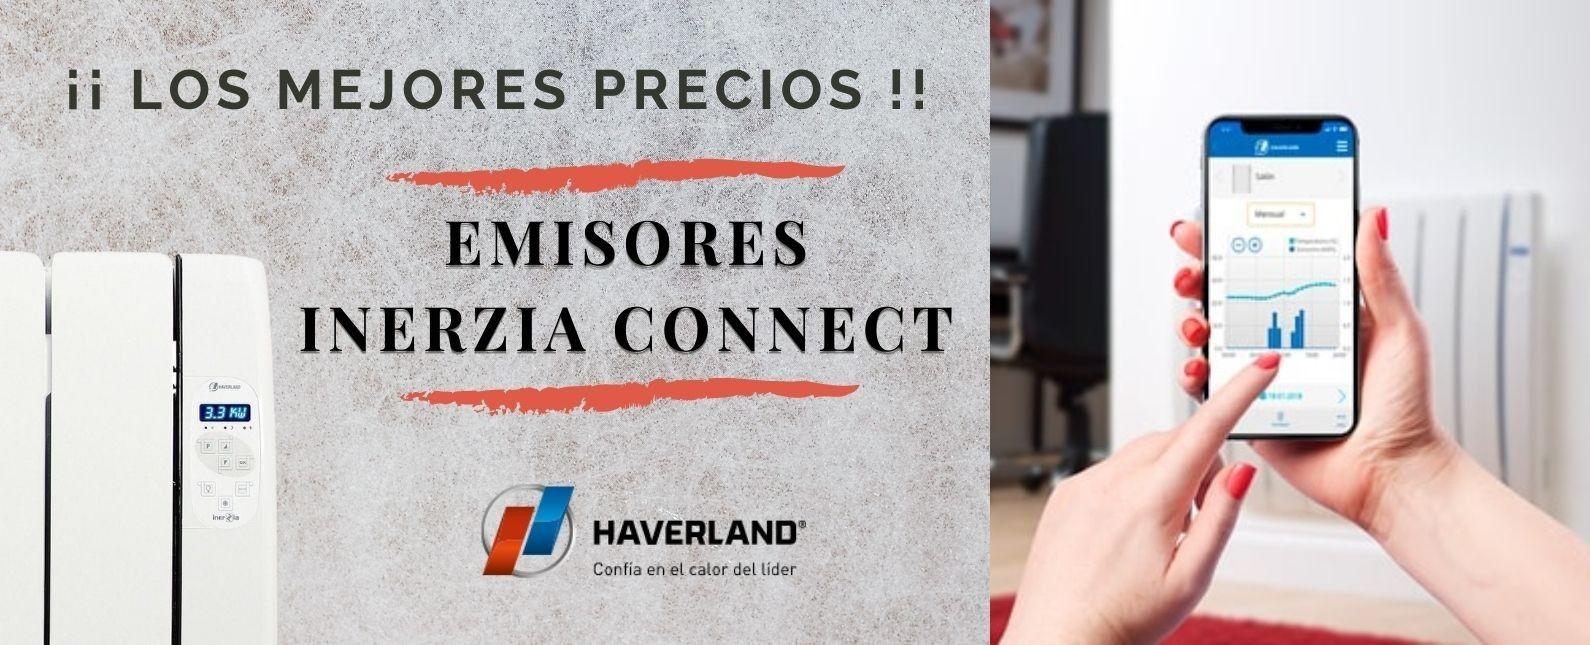 Emisores térmicos Haverland RCTTS Inerzia Connect